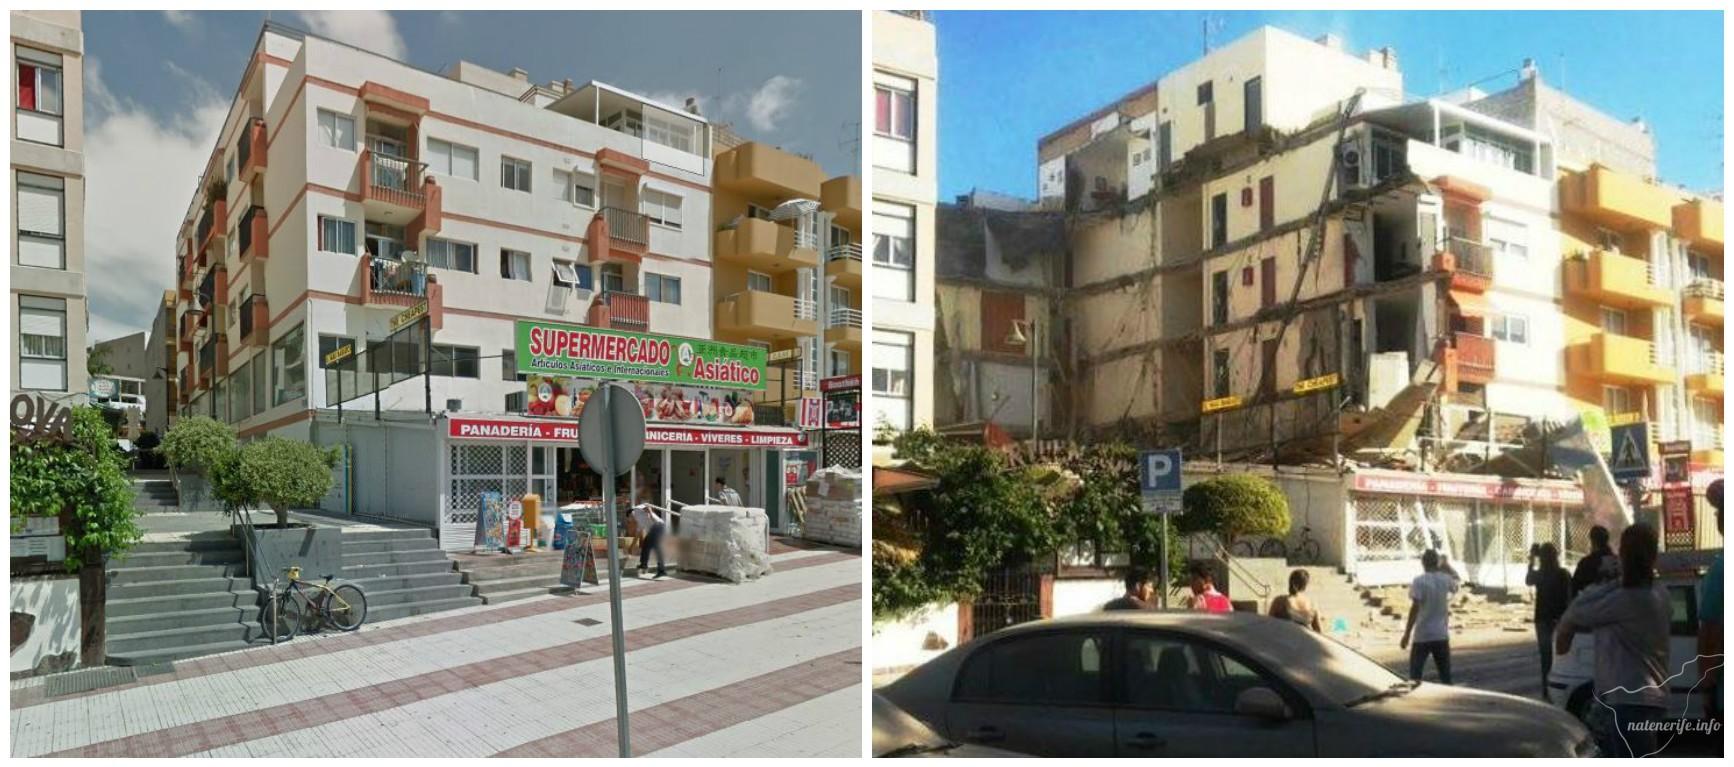 В Лос-Кристианос обрушилось здание: фото до и после